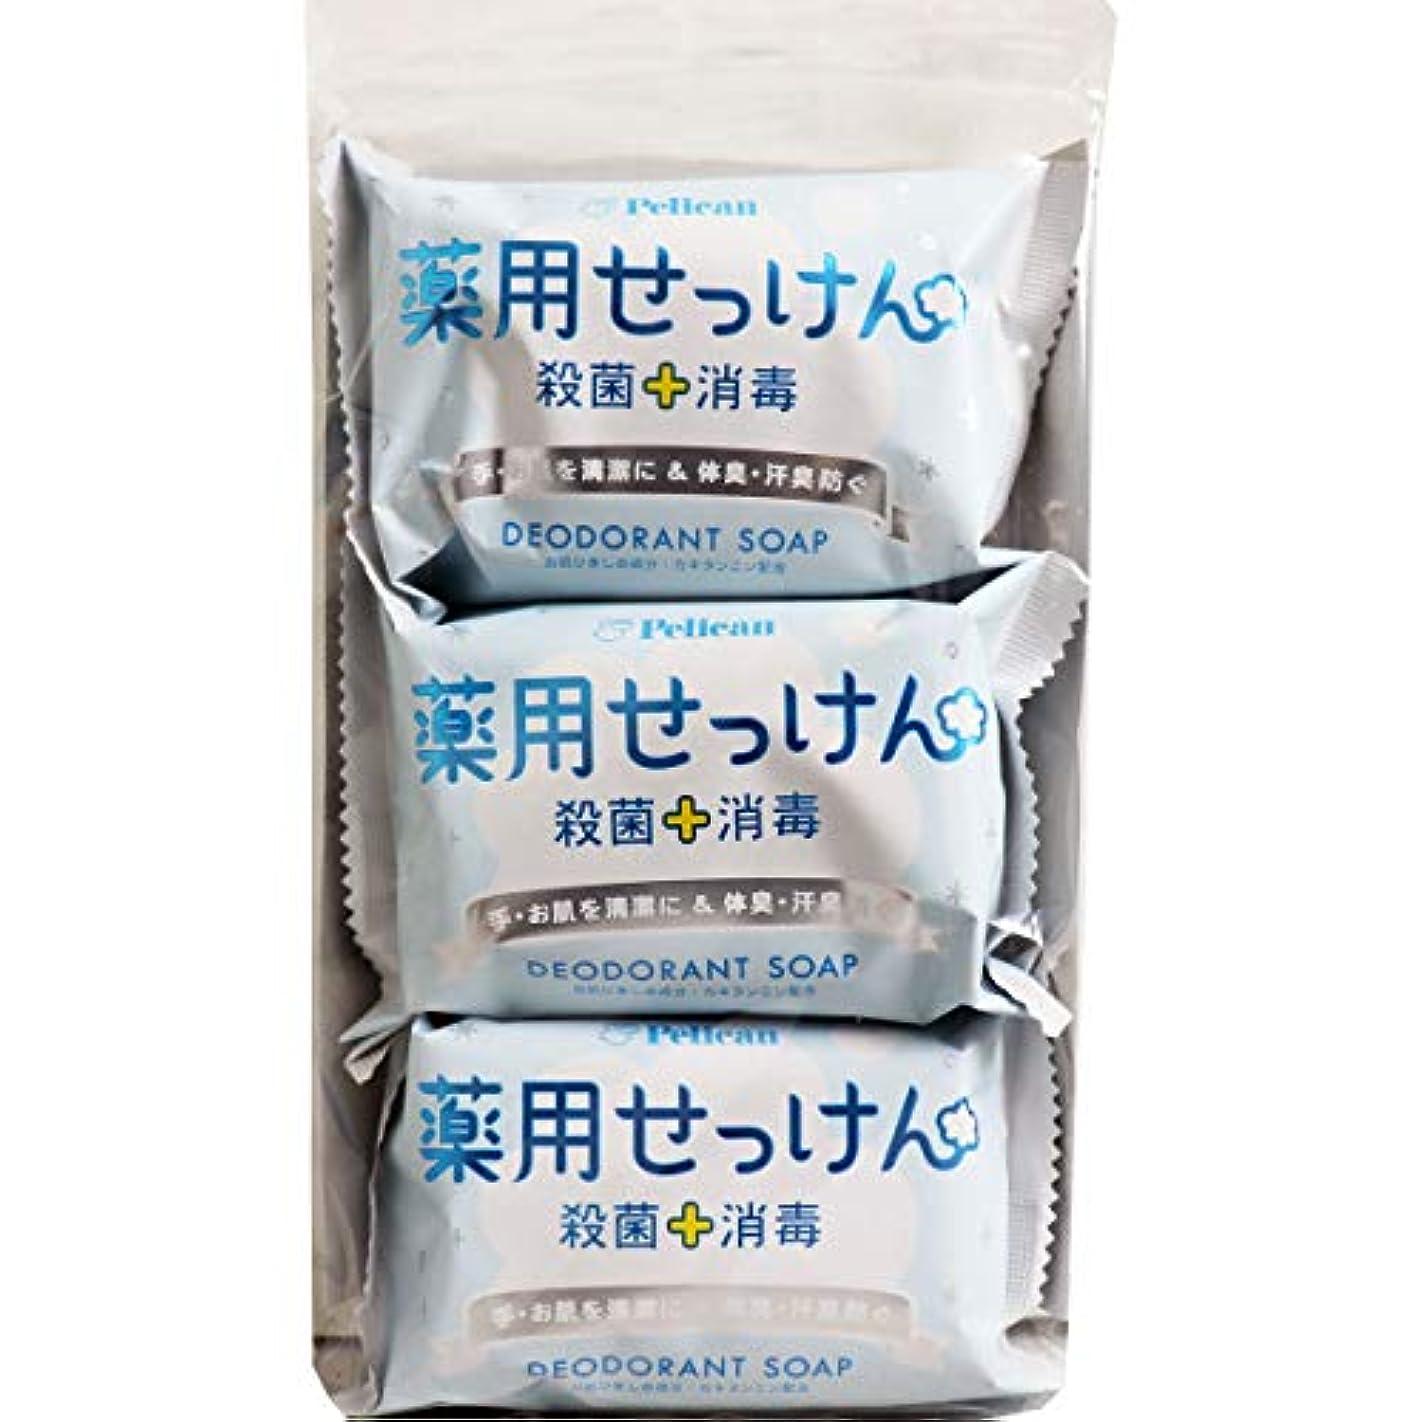 解釈するトークン手順ペリカン石鹸 薬用石けん 85g×3個×4パック